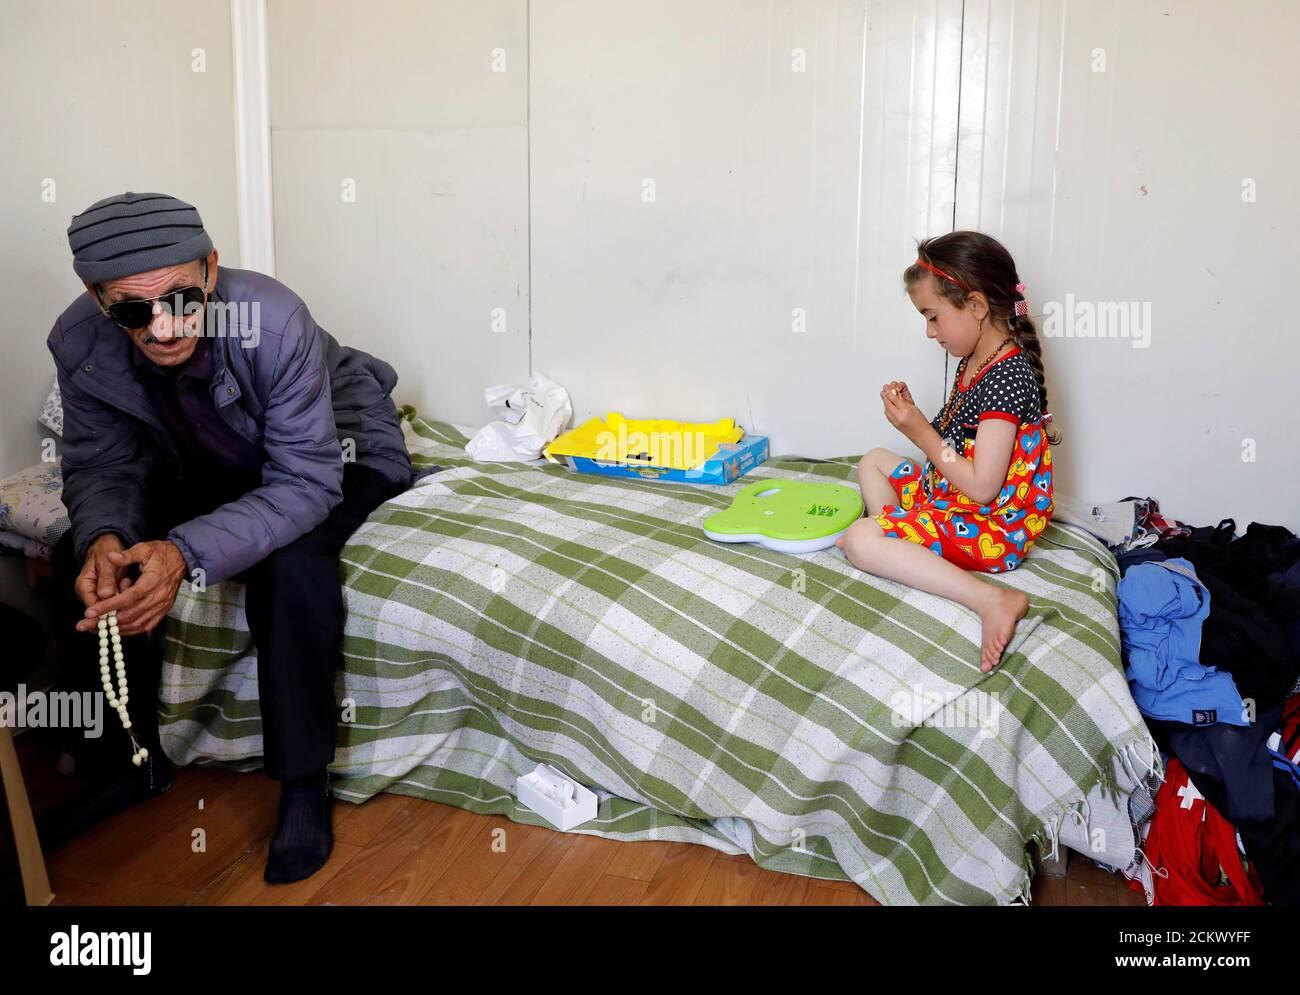 Christina Ezzo Abada irachena, ex ostaggio di militanti dello Stato islamico per tre anni, gioca vicino al padre cieco dopo essersi riunita con la sua famiglia in una casa ristretta in un campo profughi a Erbil, Iraq, 10 giugno 2017. REUTERS/Erik De Castro Foto Stock